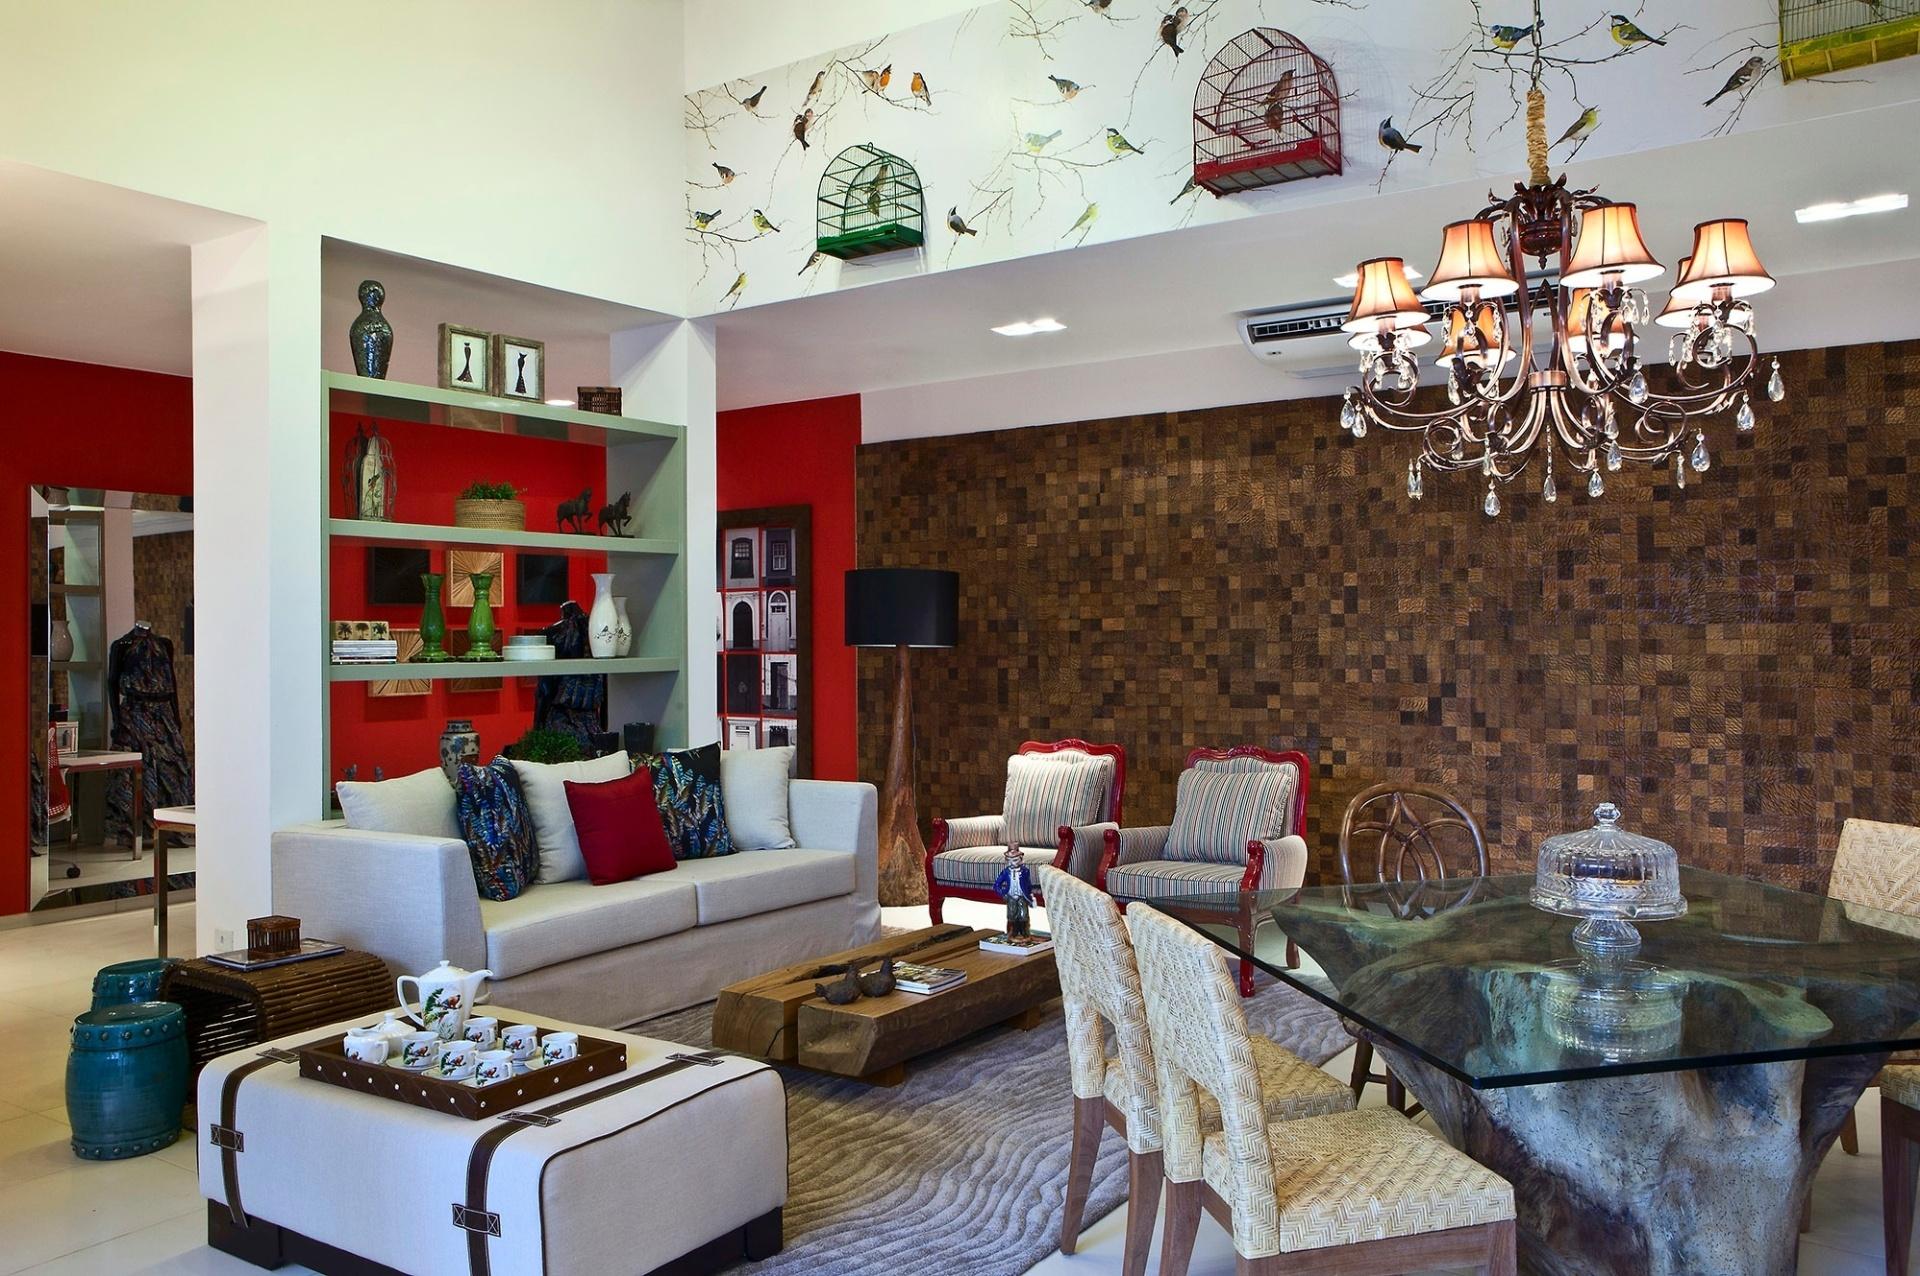 Casa Cor MT - 2012: overmelho intenso de algumas porções das paredes é combinado ao painel quadriculado e aos